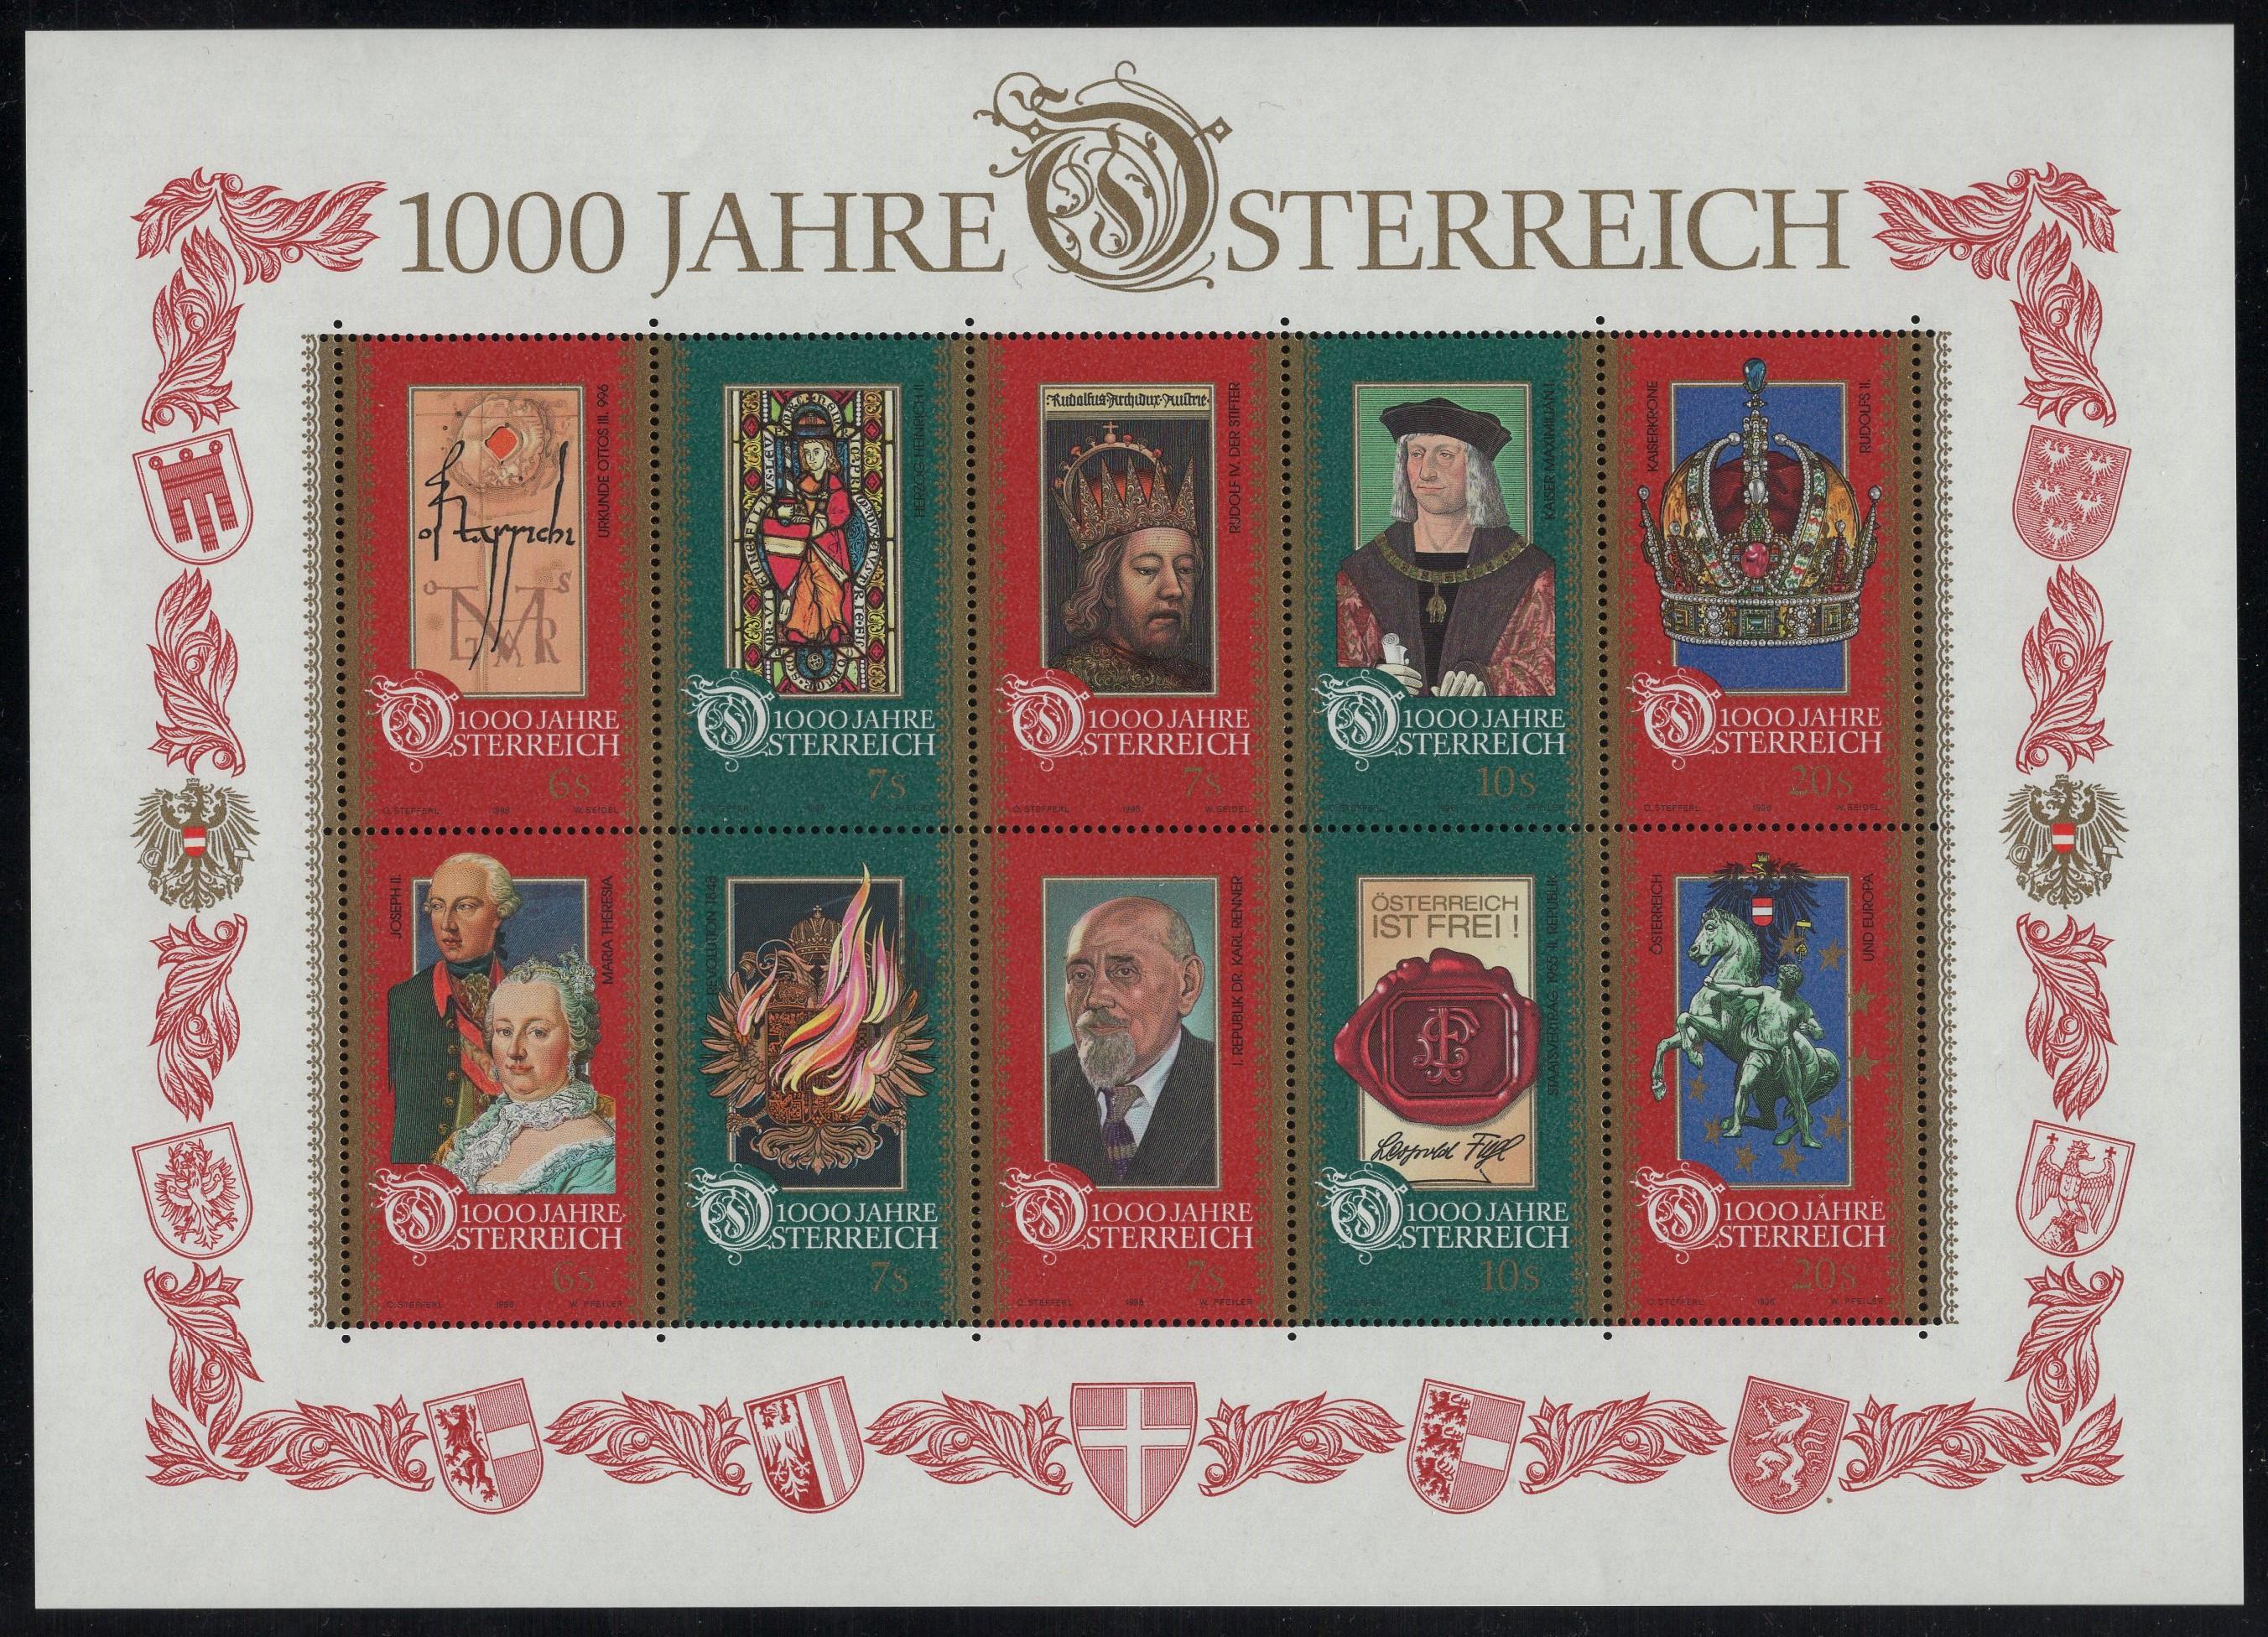 Österreich - Block 012 - postfrisch - 1000 Jahre Österreich